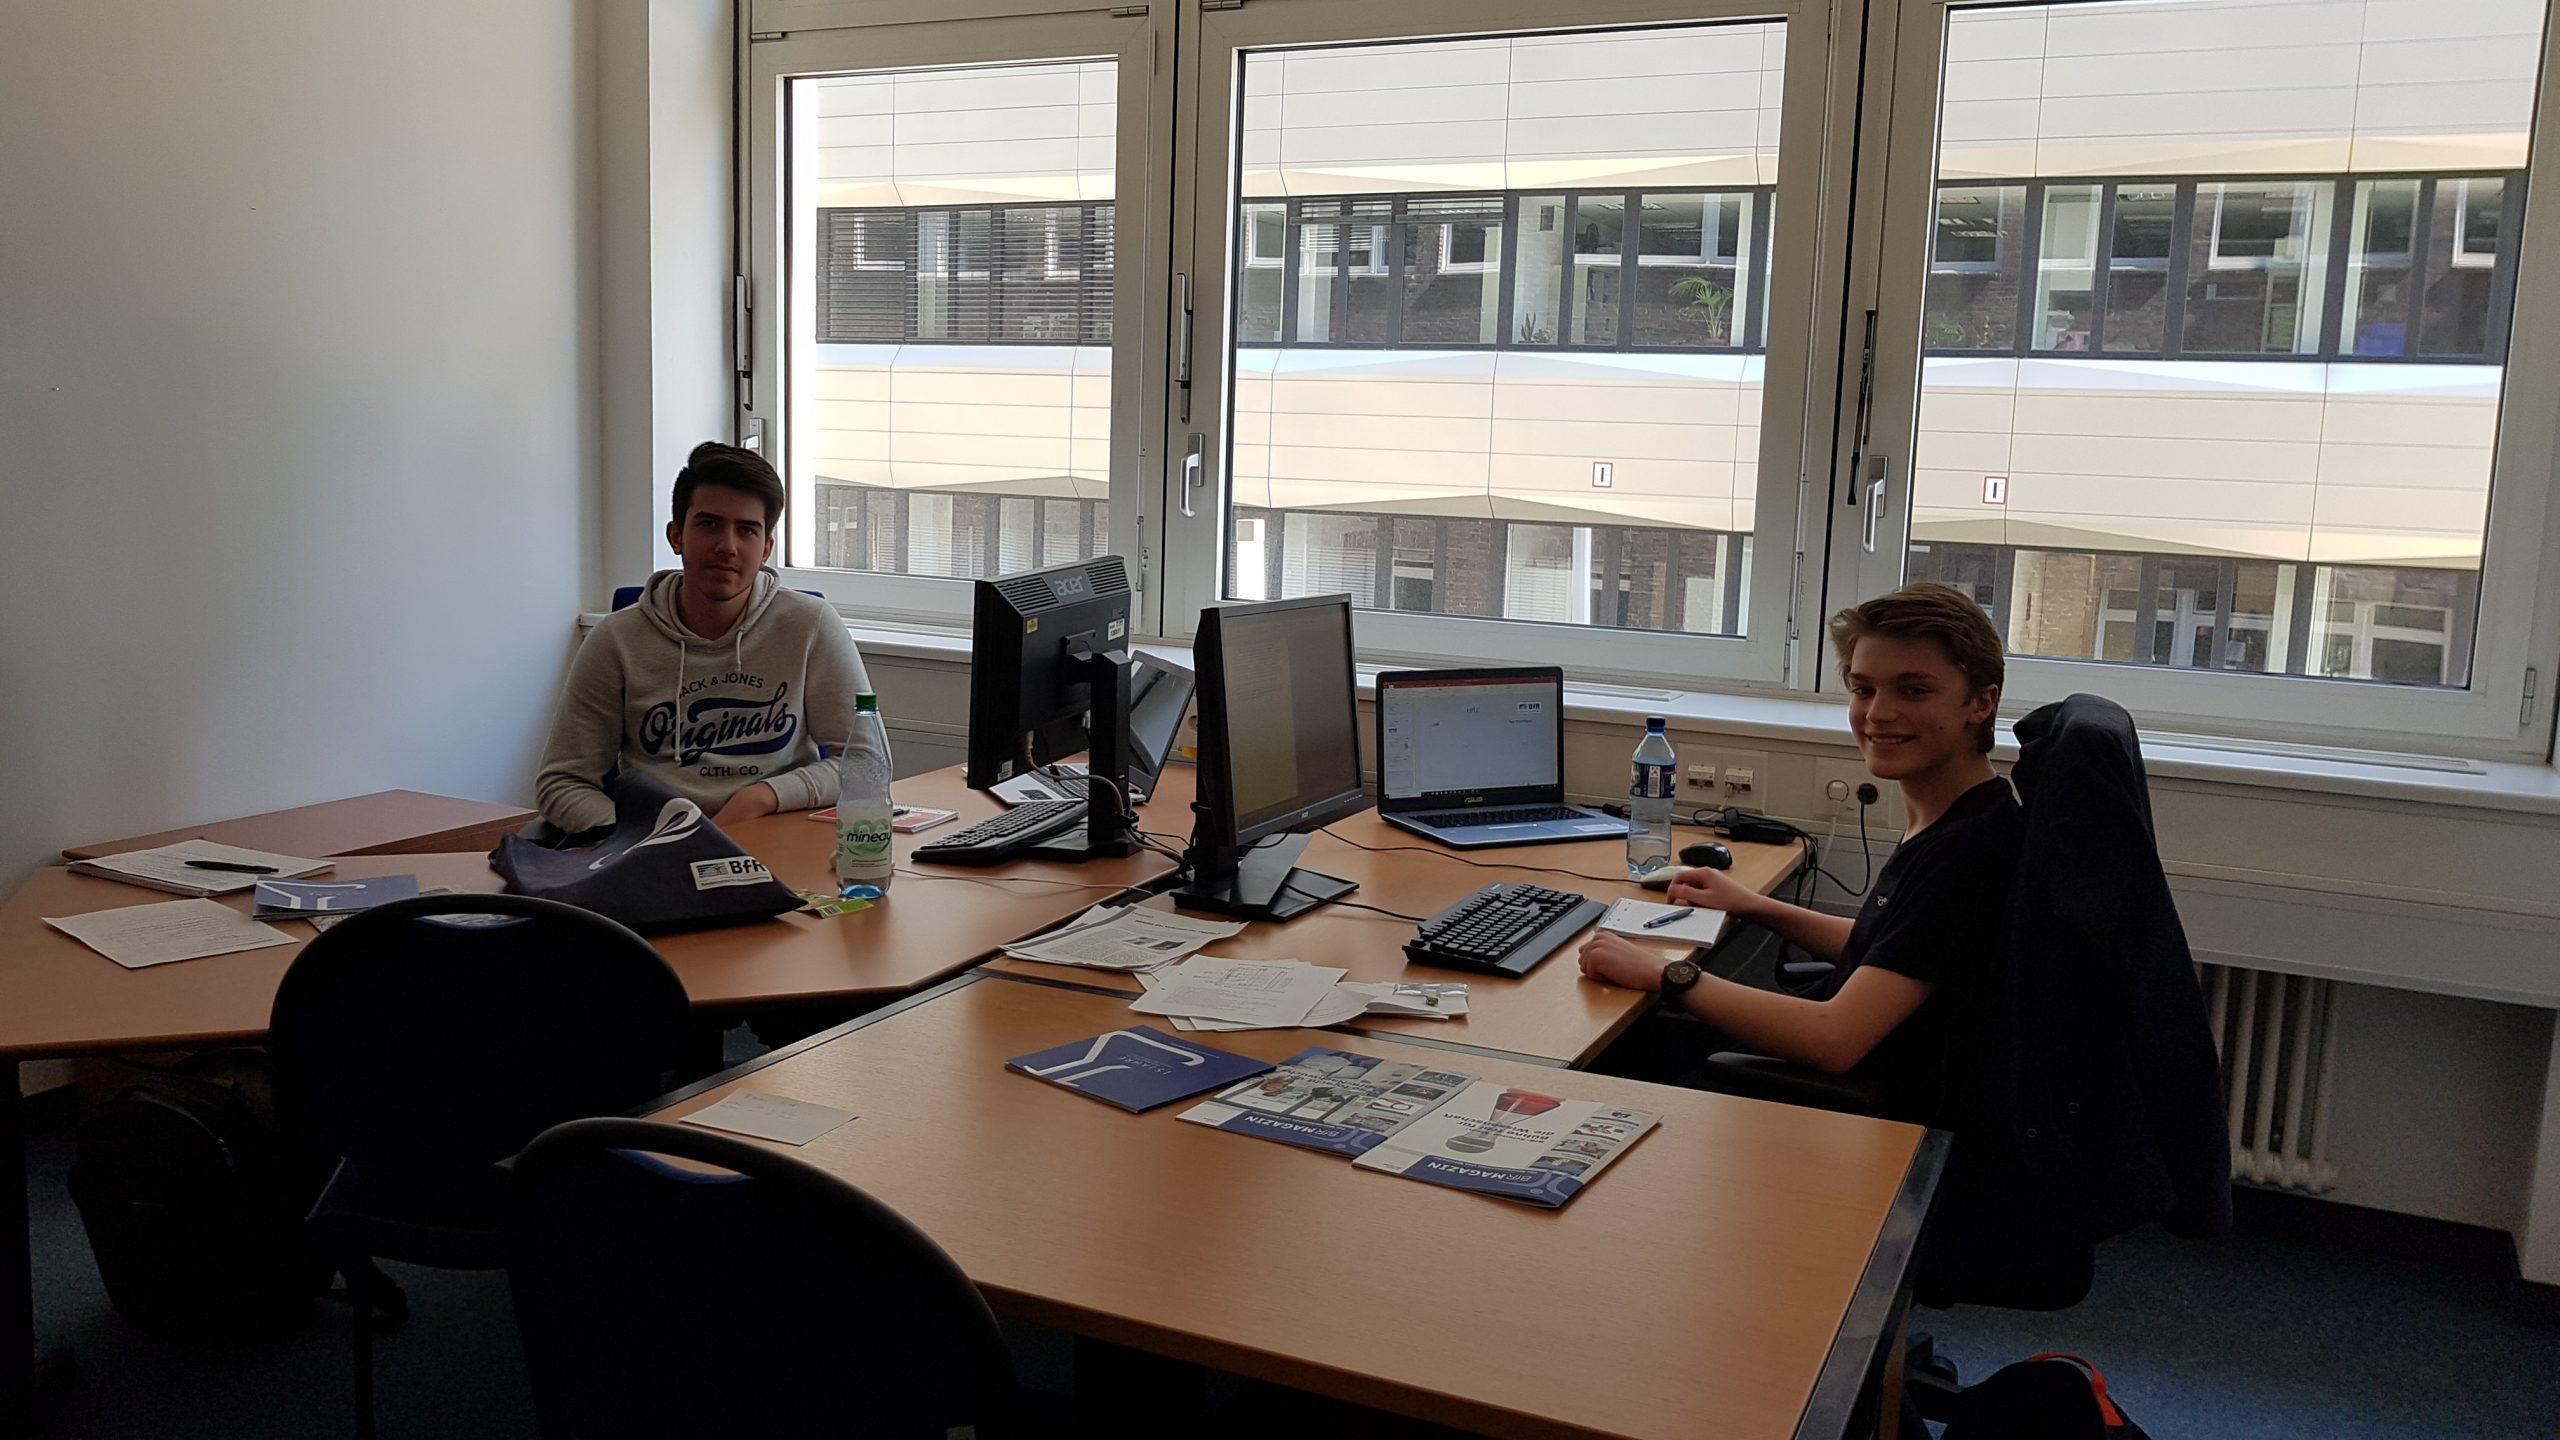 Paul und Joost am Arbeitsplatz